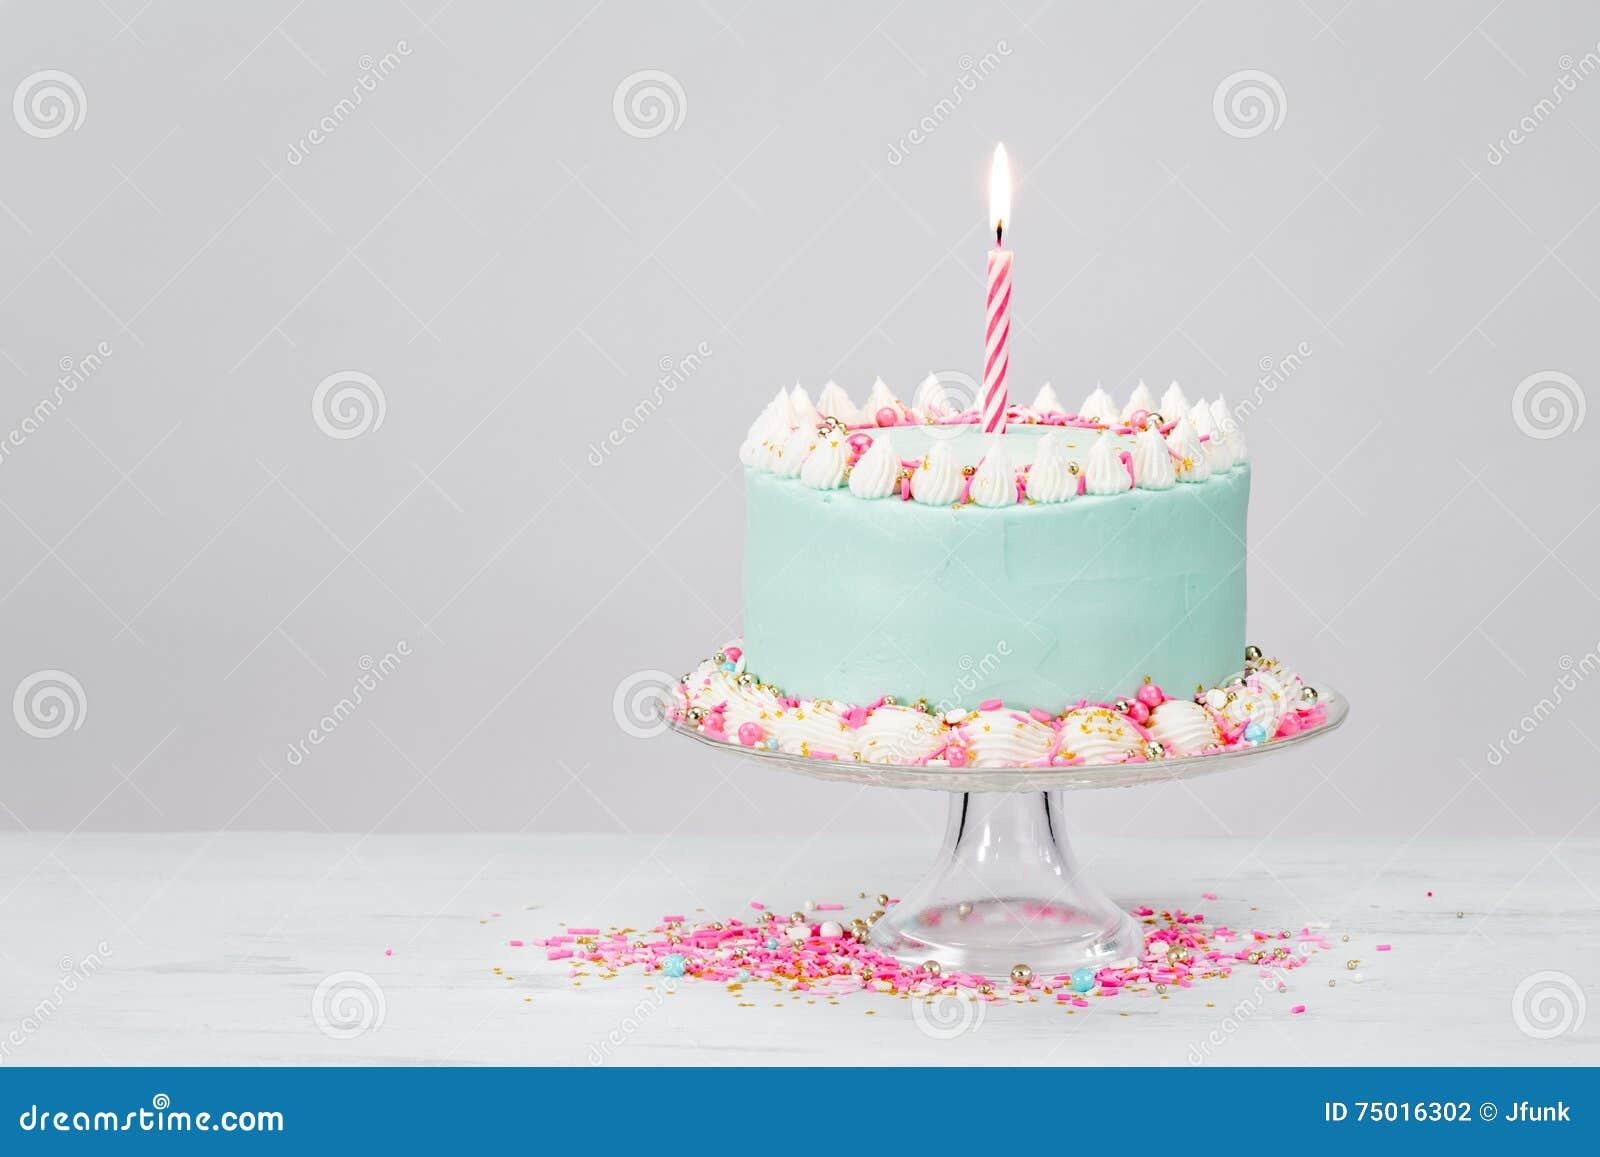 Blauer Geburtstags-Pastellkuchen über weißem Hintergrund